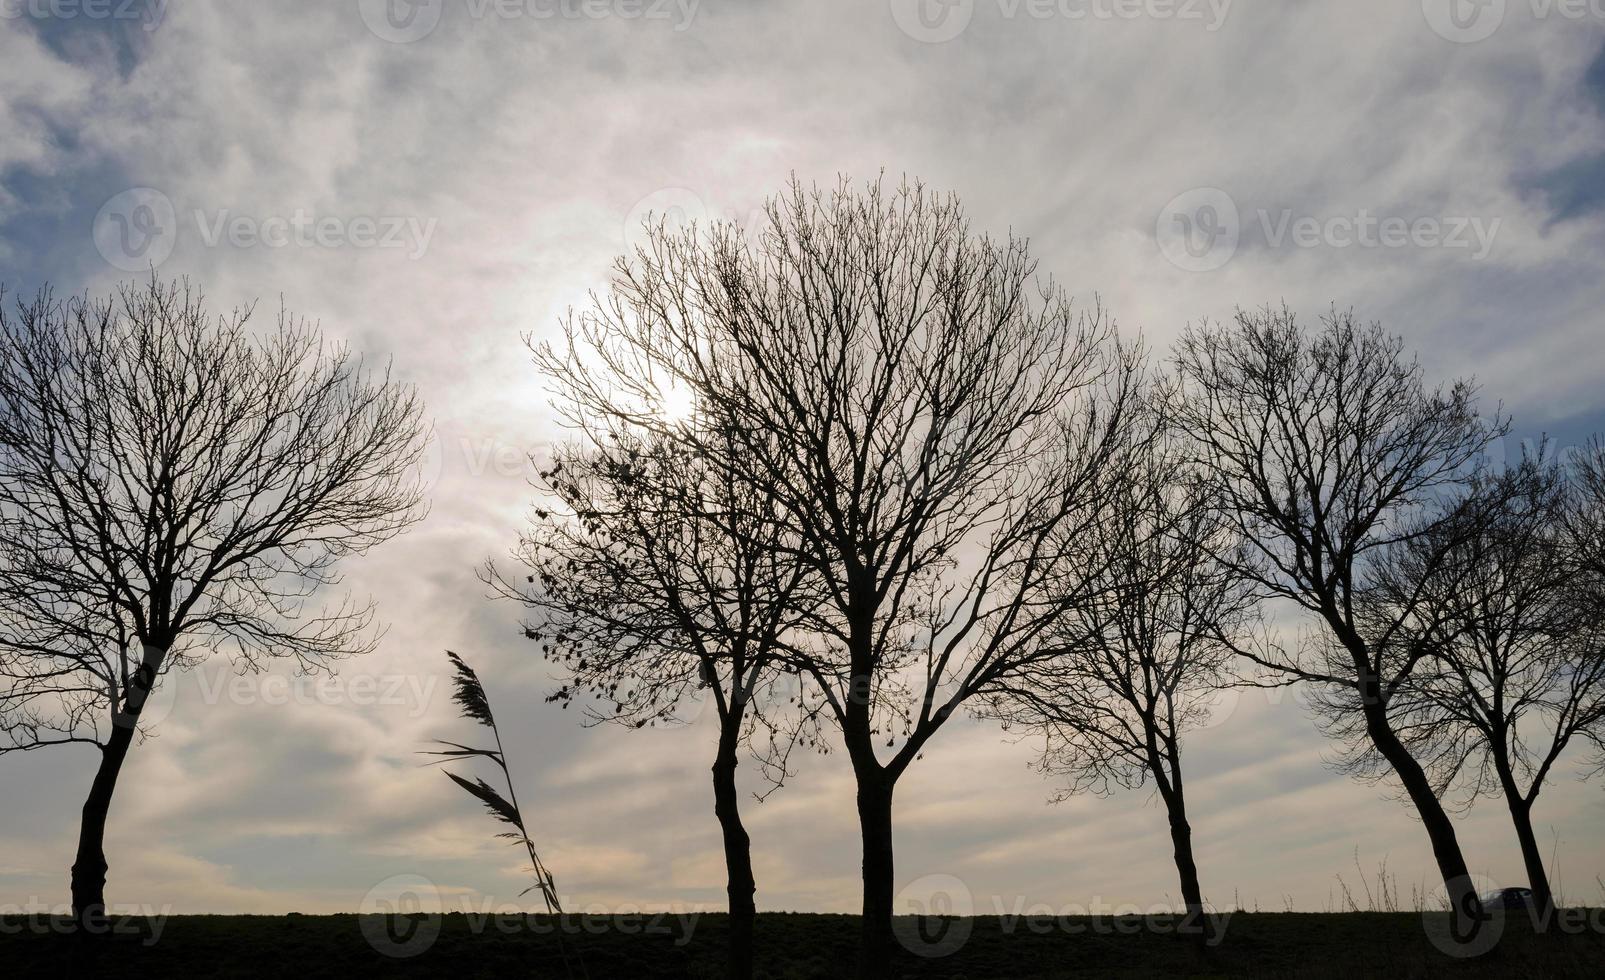 árboles a la luz del sol a lo largo de tierras de cultivo en invierno foto